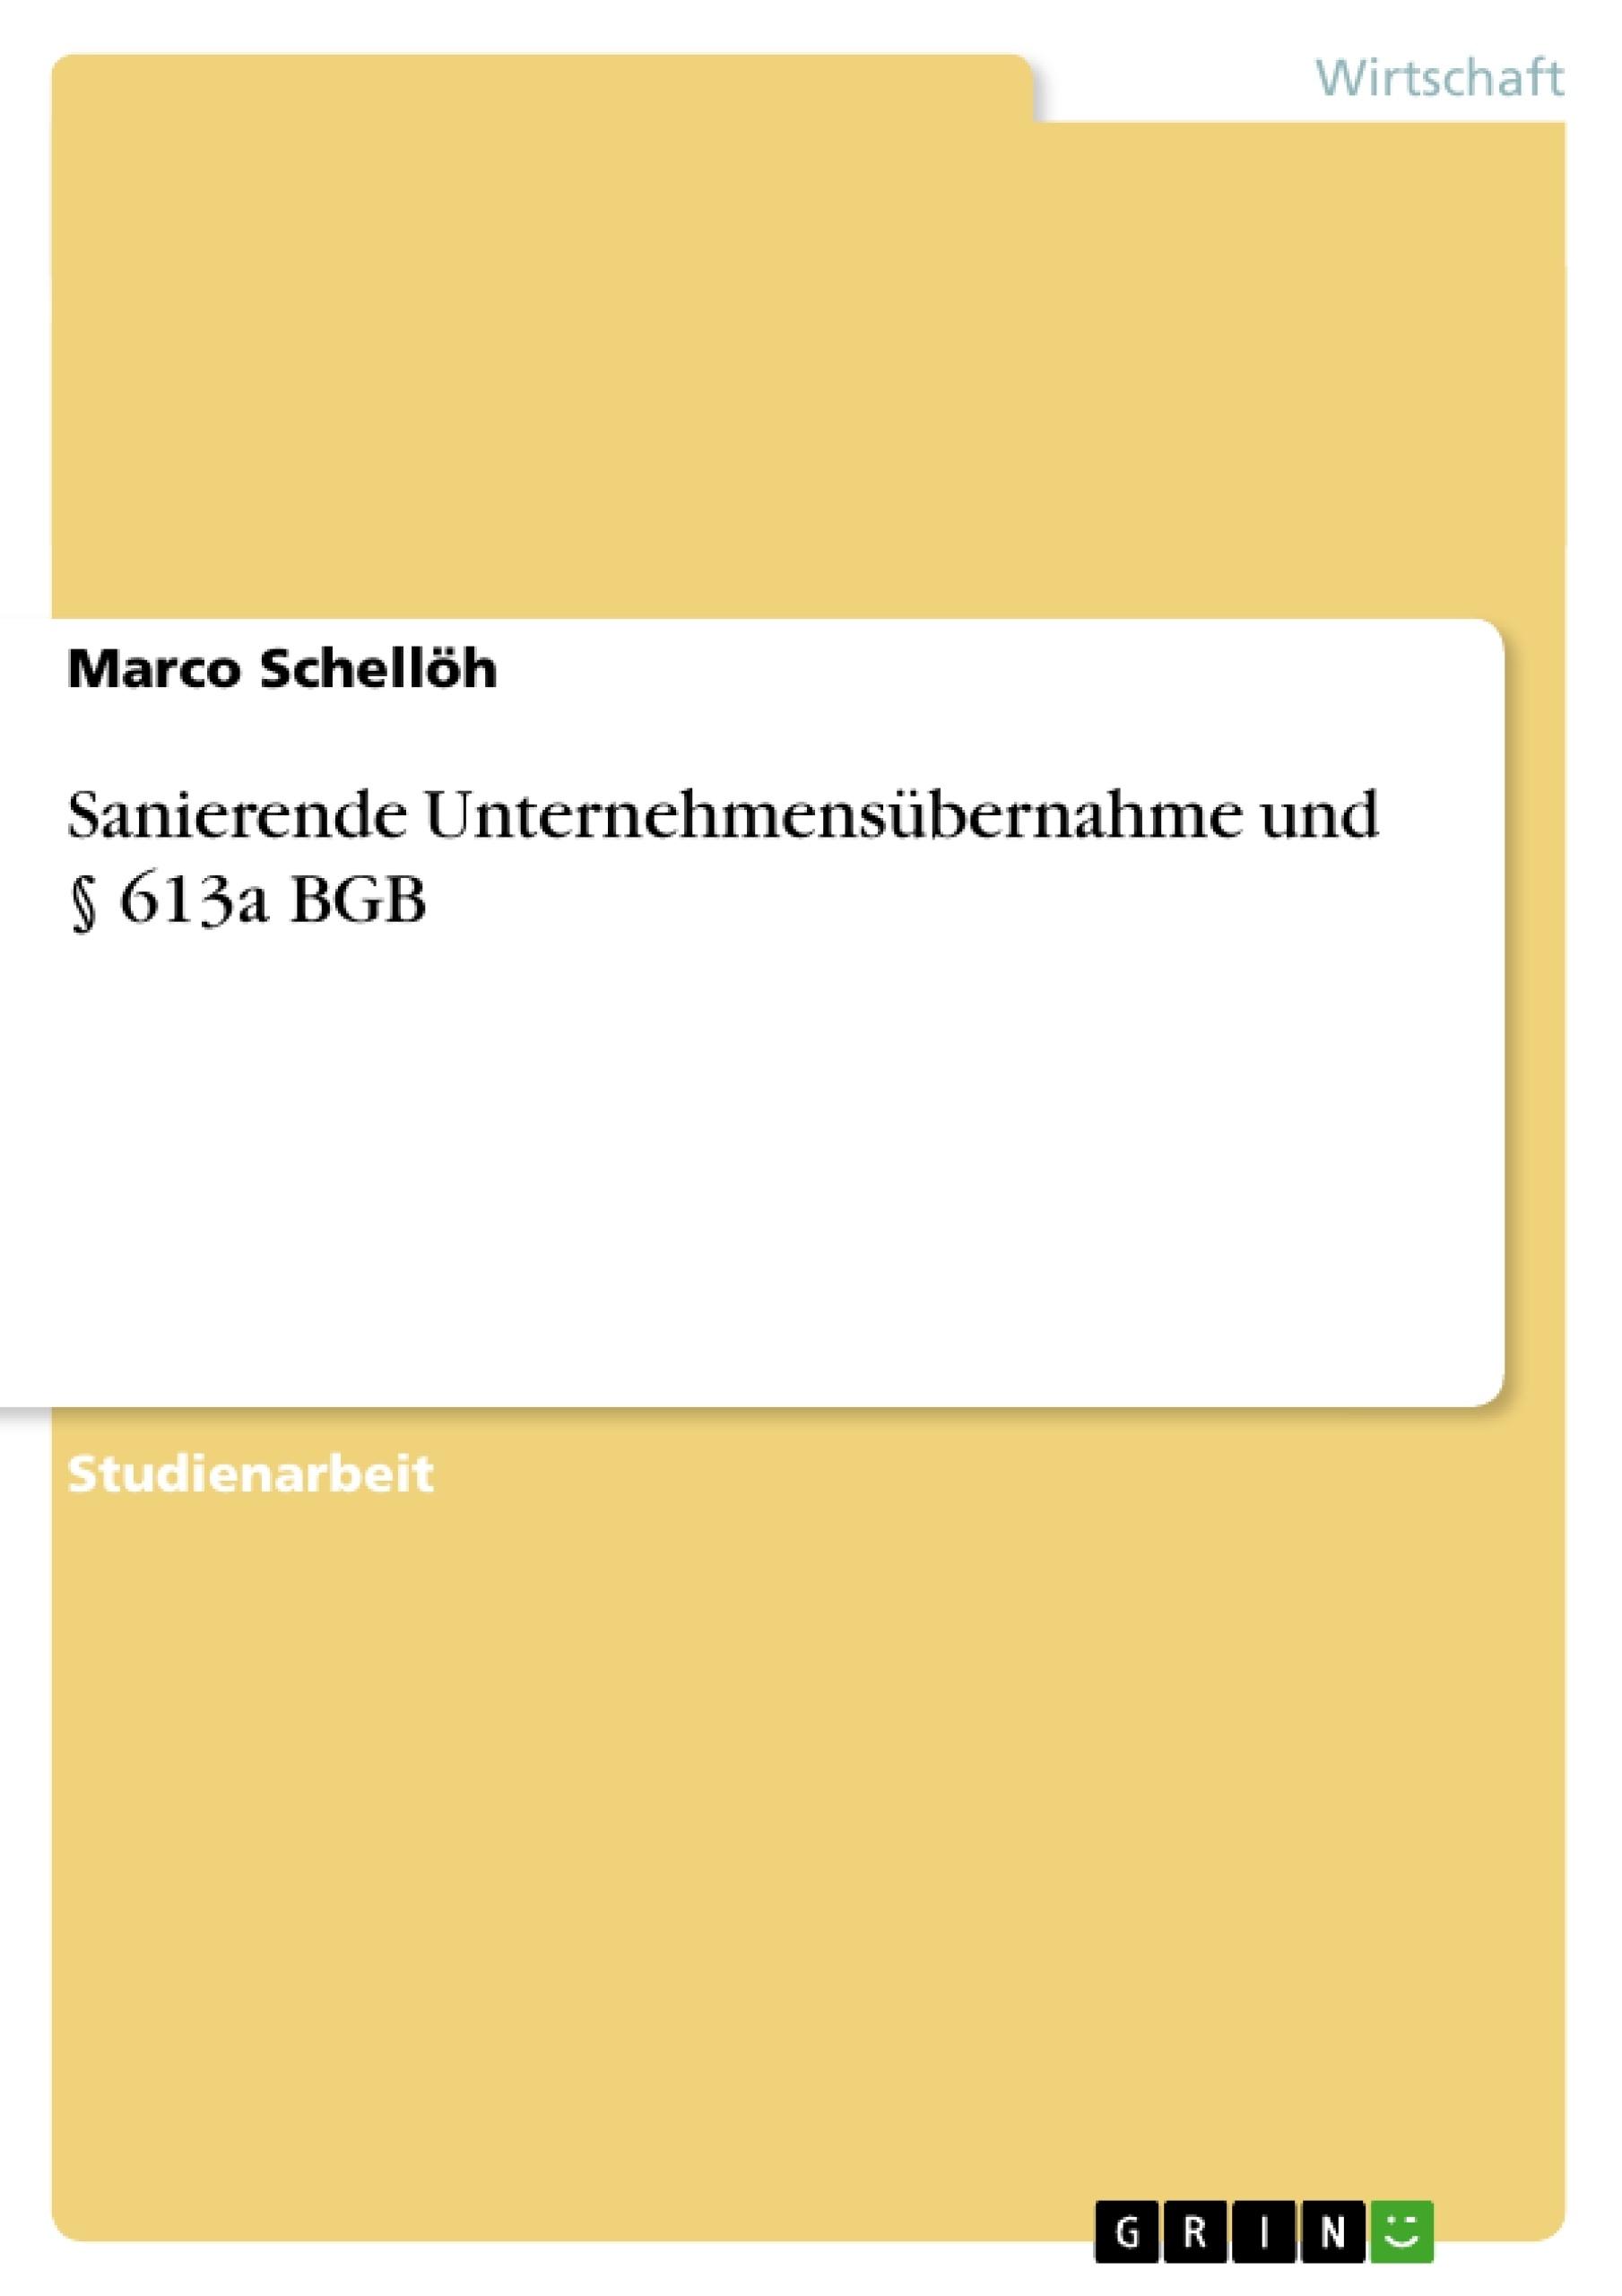 Titel: Sanierende Unternehmensübernahme und § 613a BGB